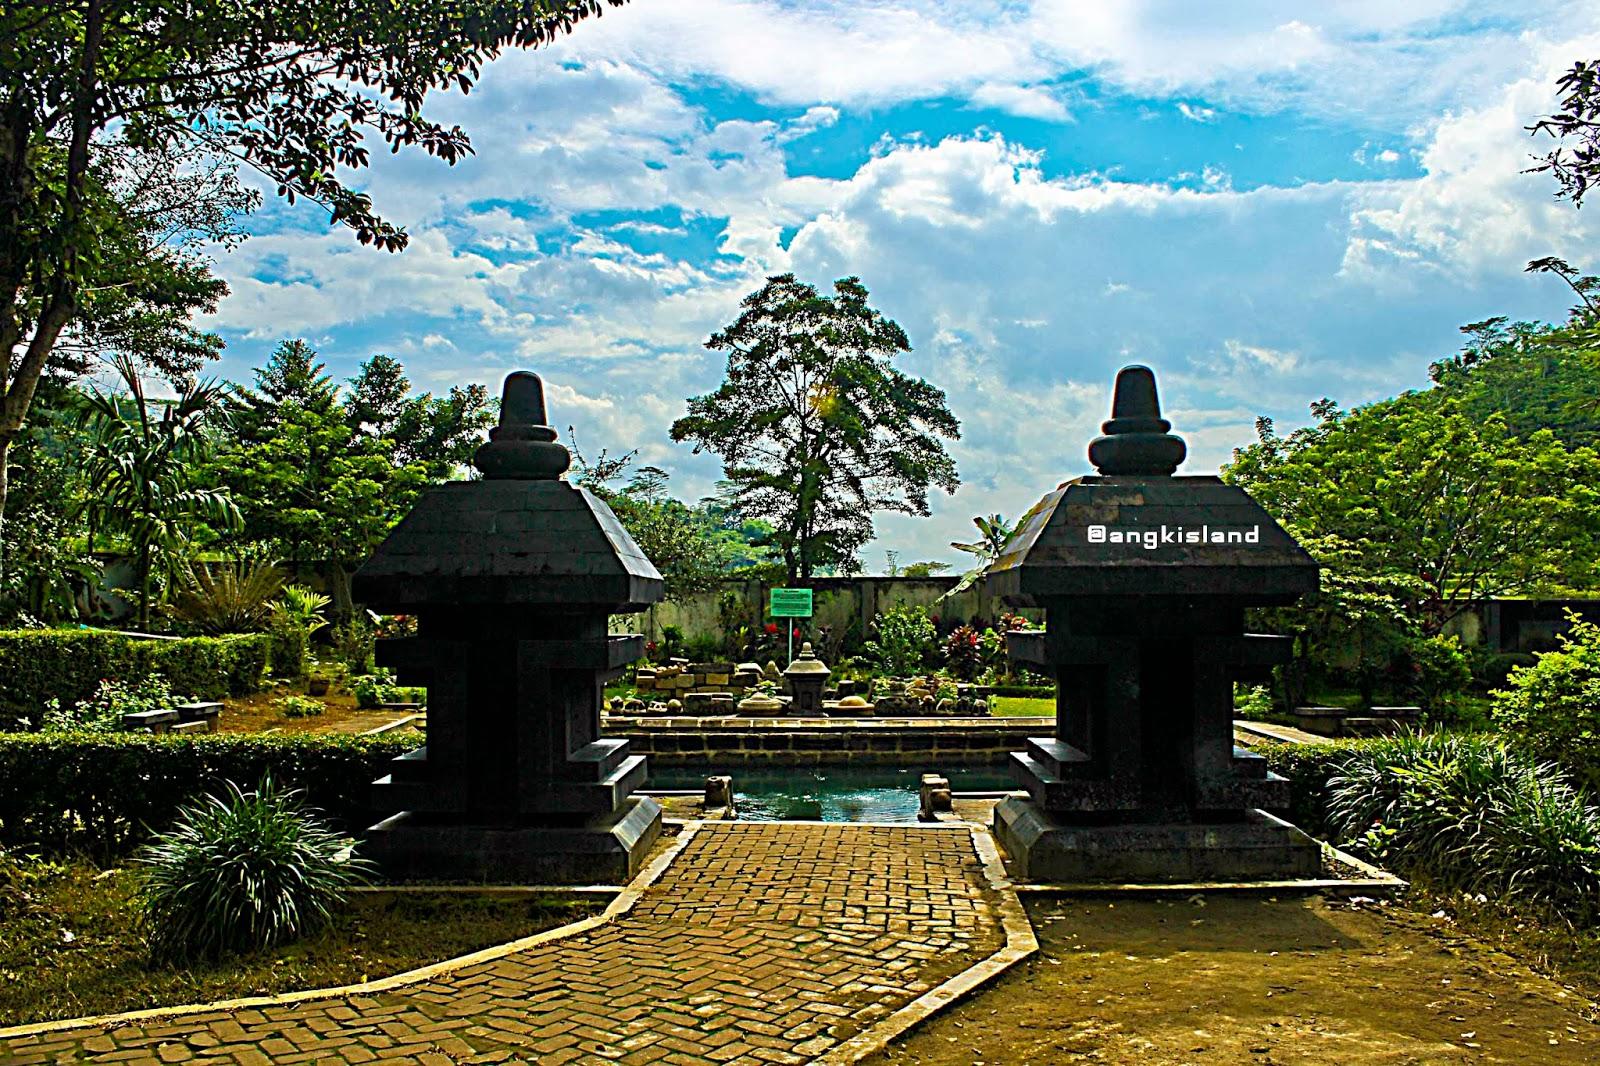 Candi umbul Jawa Tengah